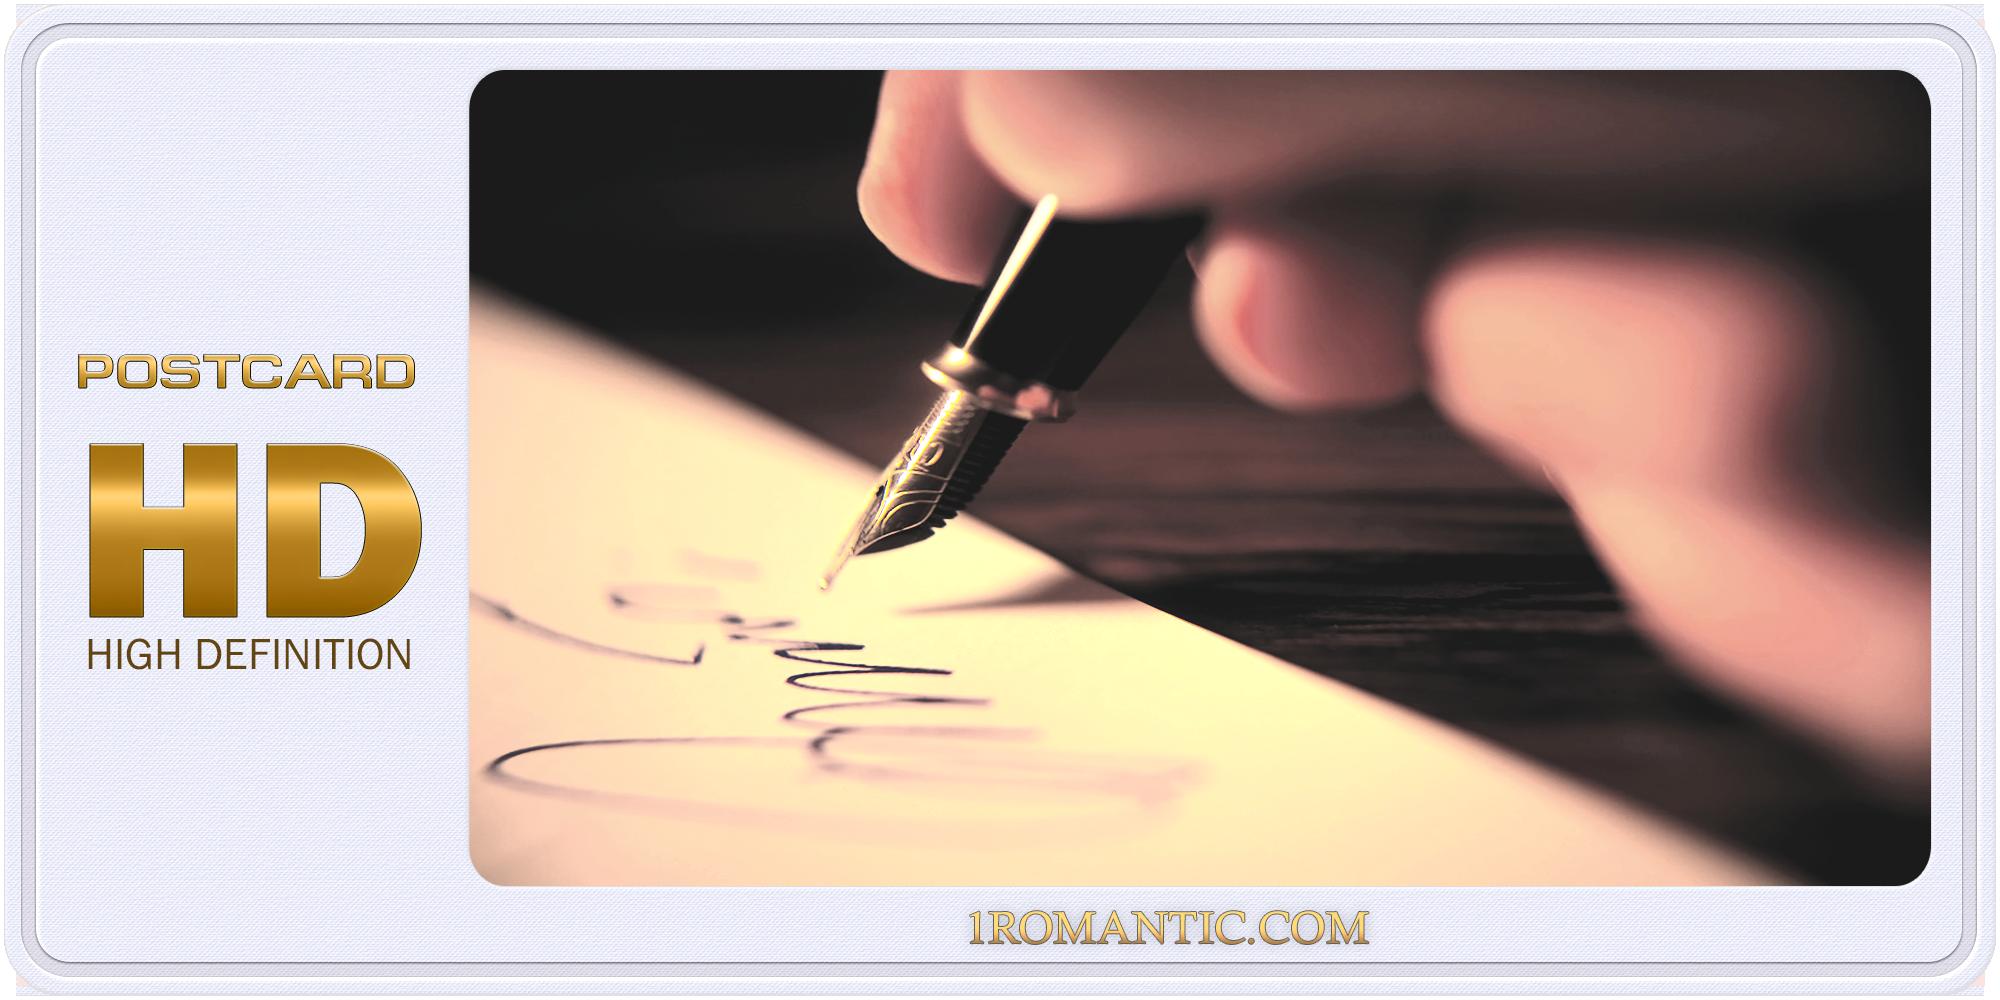 1ROMANTIC - Пригласительные открытки | Приглашение своими руками | Приглашения день рождения | Приглашения на свадьбу